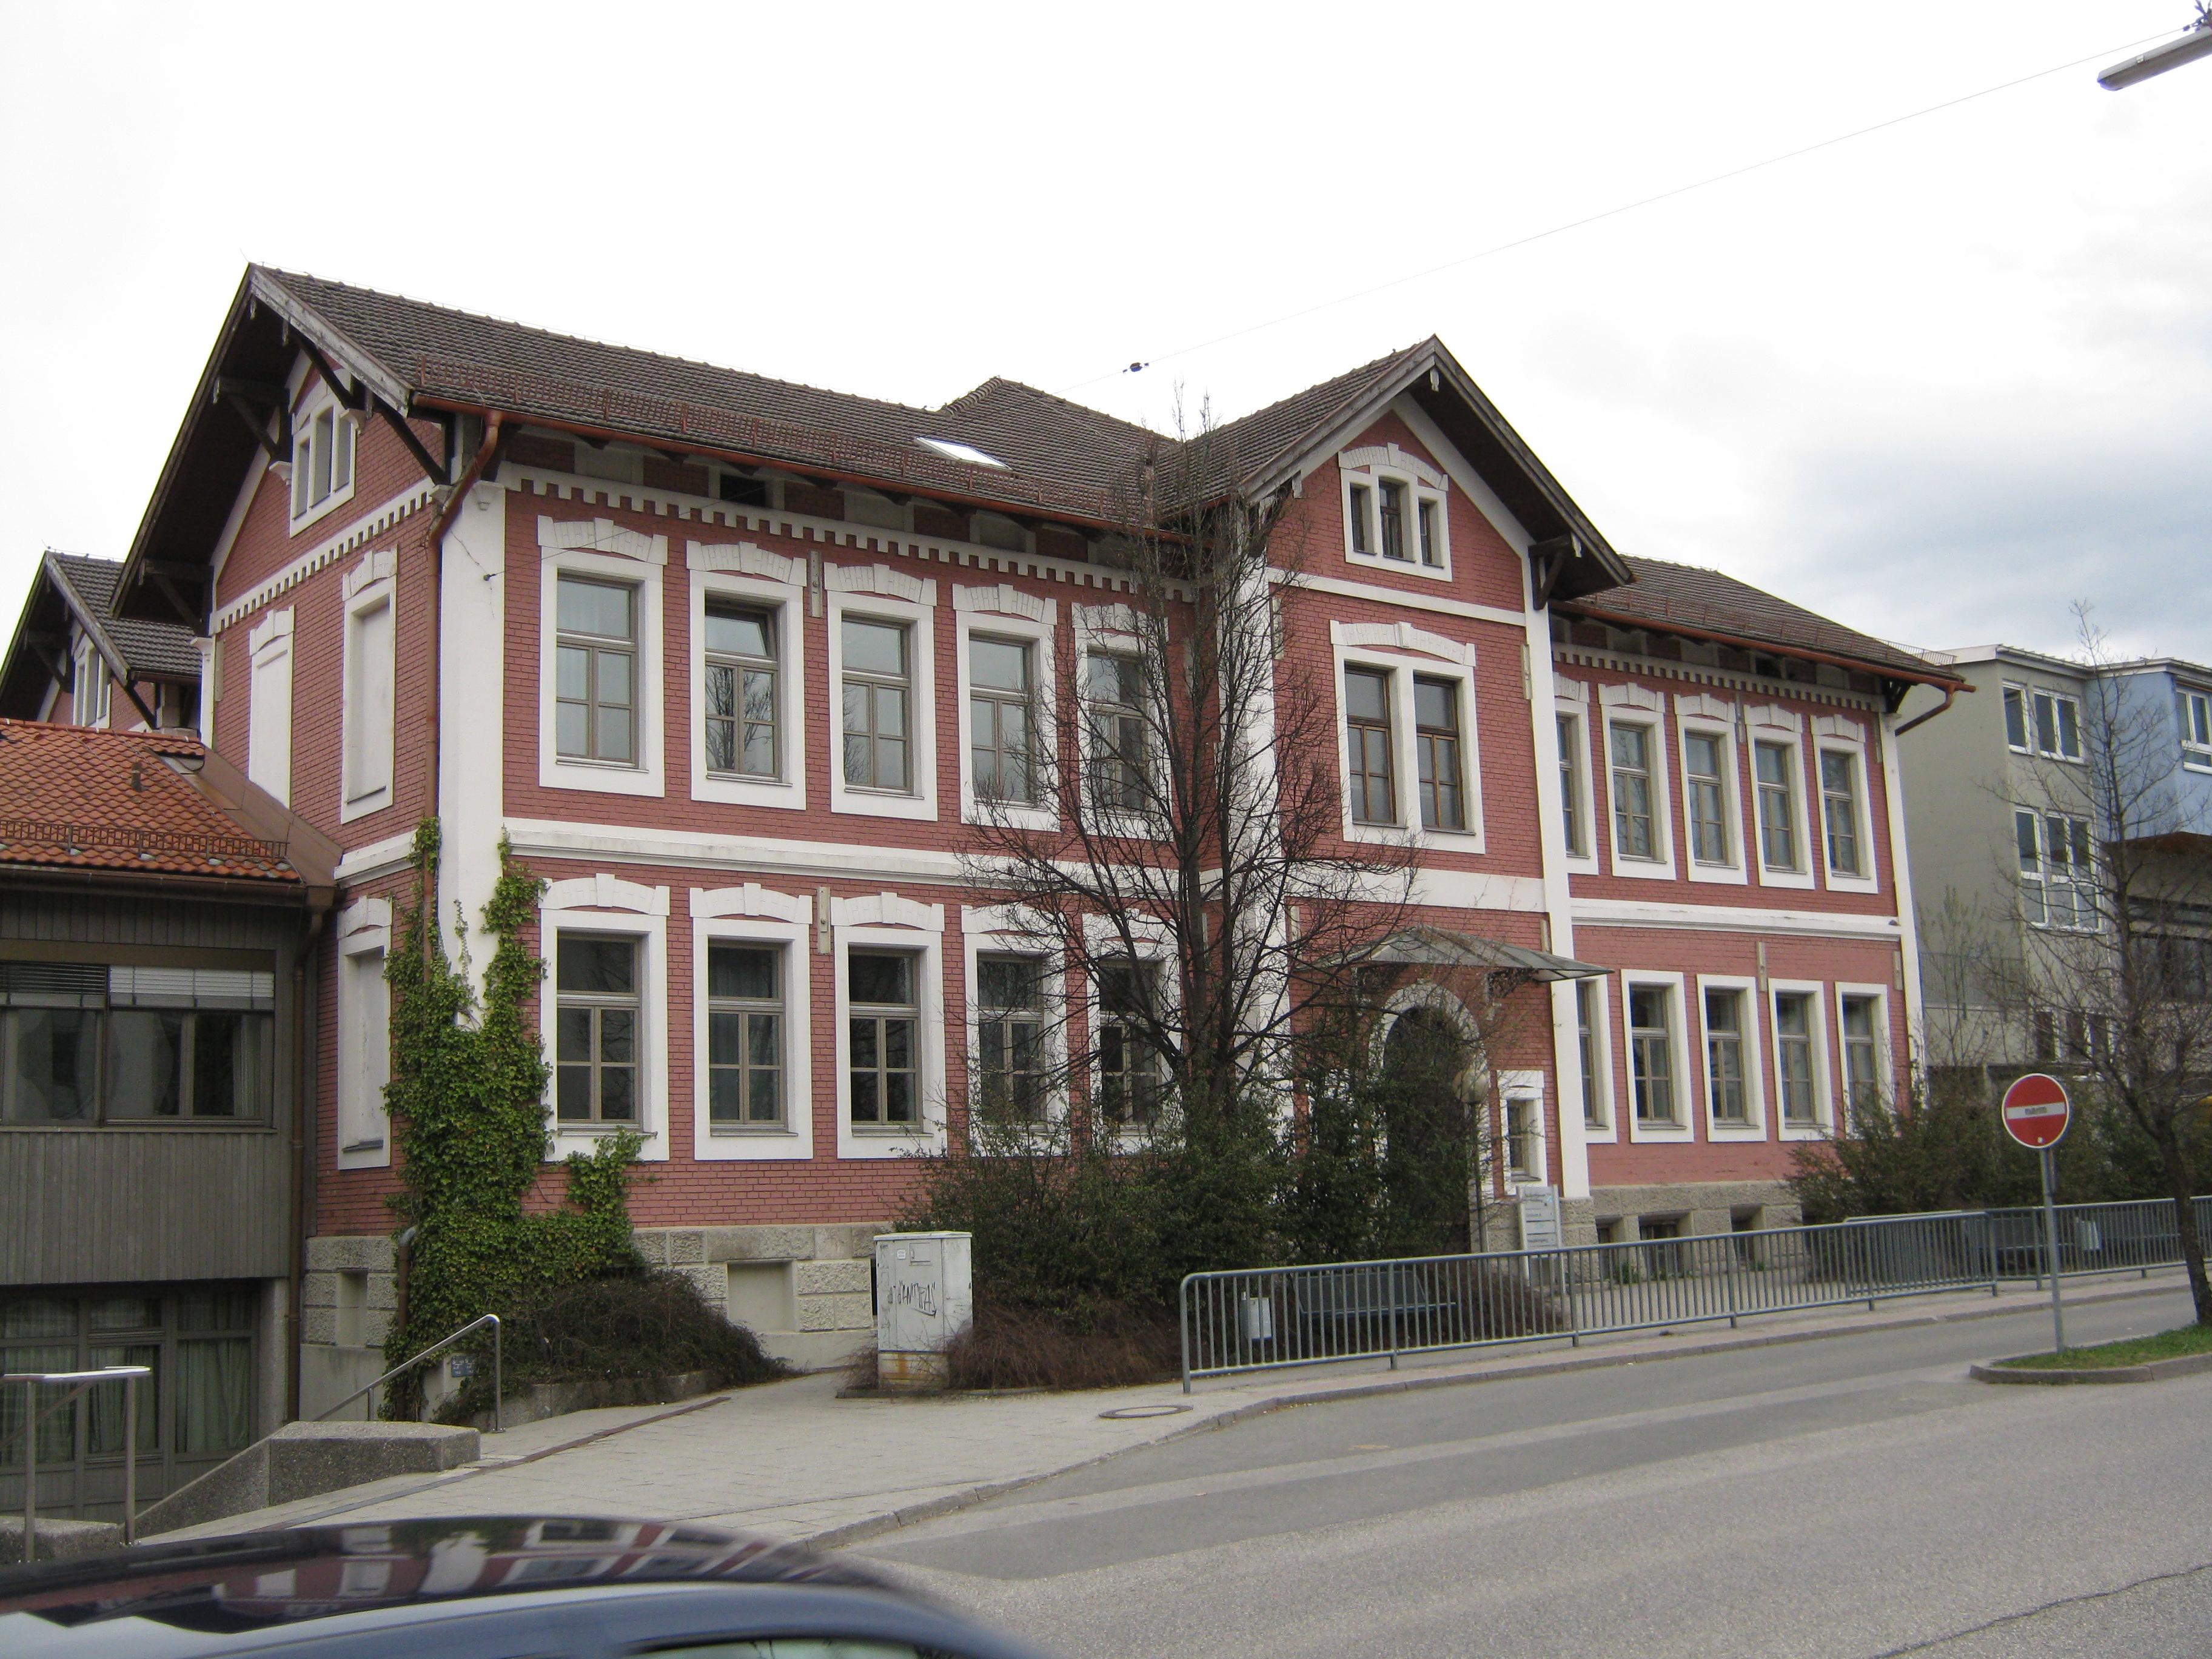 Datei:Penzberg - denkmalgeschützte Häuser - die von der Oberkohle ...